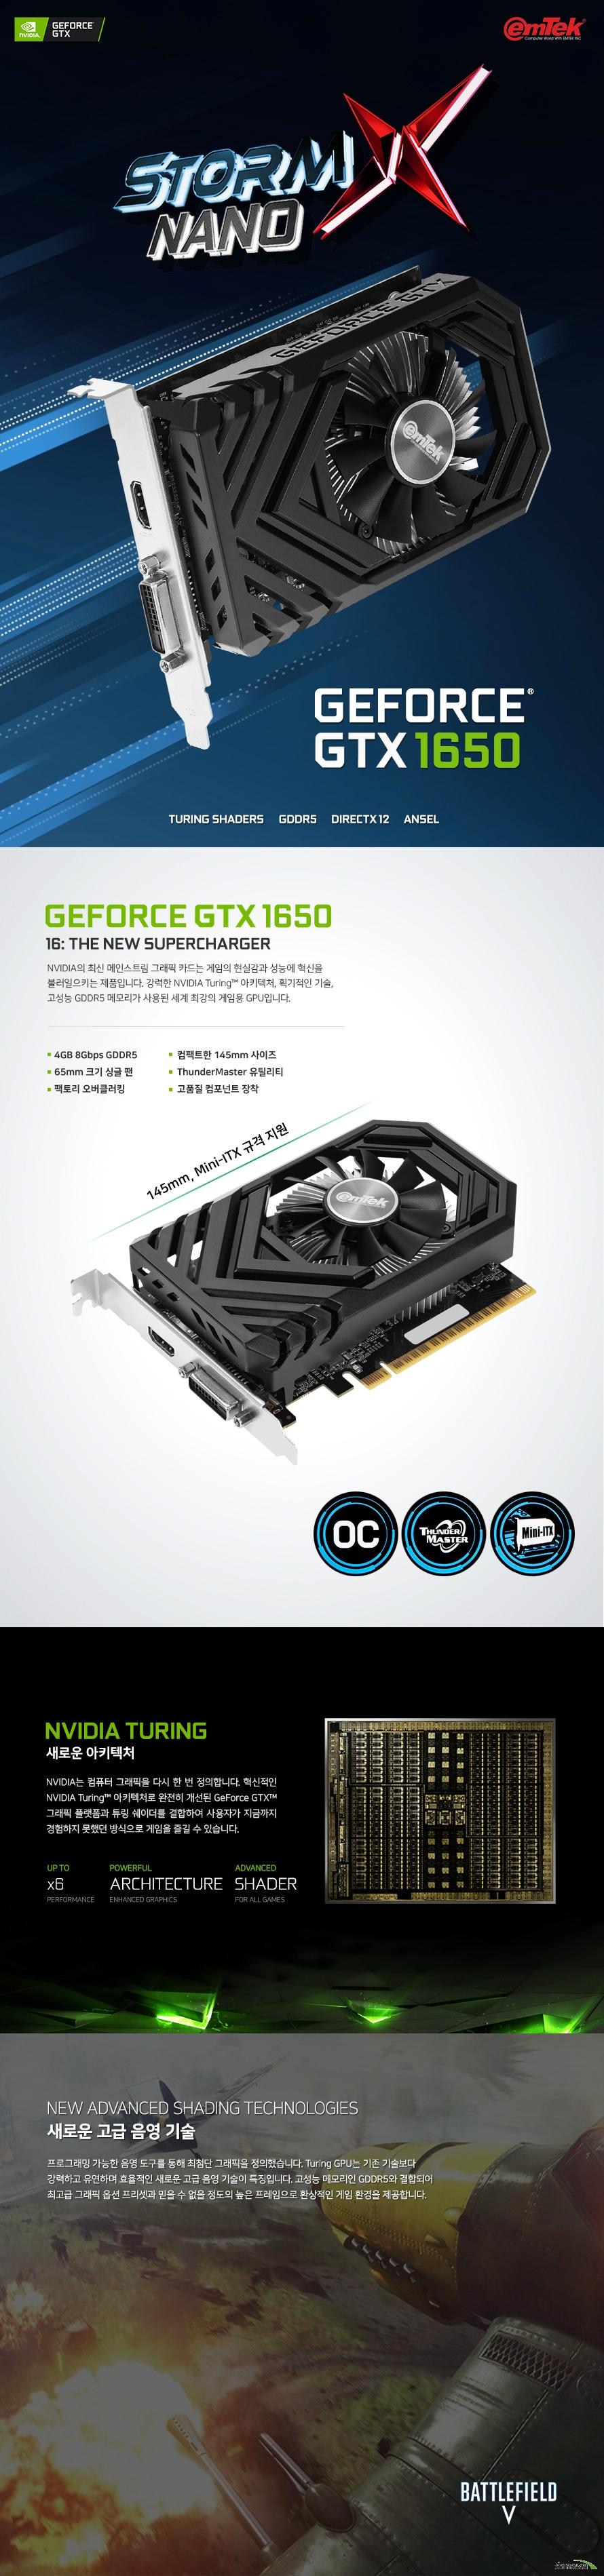 이엠텍 지포스 GTX 1650 STORM X NANO OC D5 4GB  쿠다 코어 개수 896개 베이스 클럭 1485 메가헤르츠 부스트 클럭 1725 메가헤르츠  메모리 버스 128비트 메모리 타입 GDDR5 4기가바이트 메모리 클럭 8000 메가 헤르츠  디스플레이 포트 듀얼링크 DVI D 포트 1개 HDMI 2.0B 포트 1개 DP 1.4 포트 1개  최대 해상도  7680X4320 지원 최대 3대 멀티 디스플레이 지원  소비 전력 75와트 권장 전력 300와트 이상  제품 크기  길이 145밀리미터 넓이 99밀리미터 두께 40밀리미터  지원 운영체제 윈도우 10 7 및 64비트 및 리눅스 64비트 지원 KC 인증번호 R R EMT PT N165  쿨링 시스템  65밀리미터 듀얼 쿨링 팬 알루미늄 히트싱크